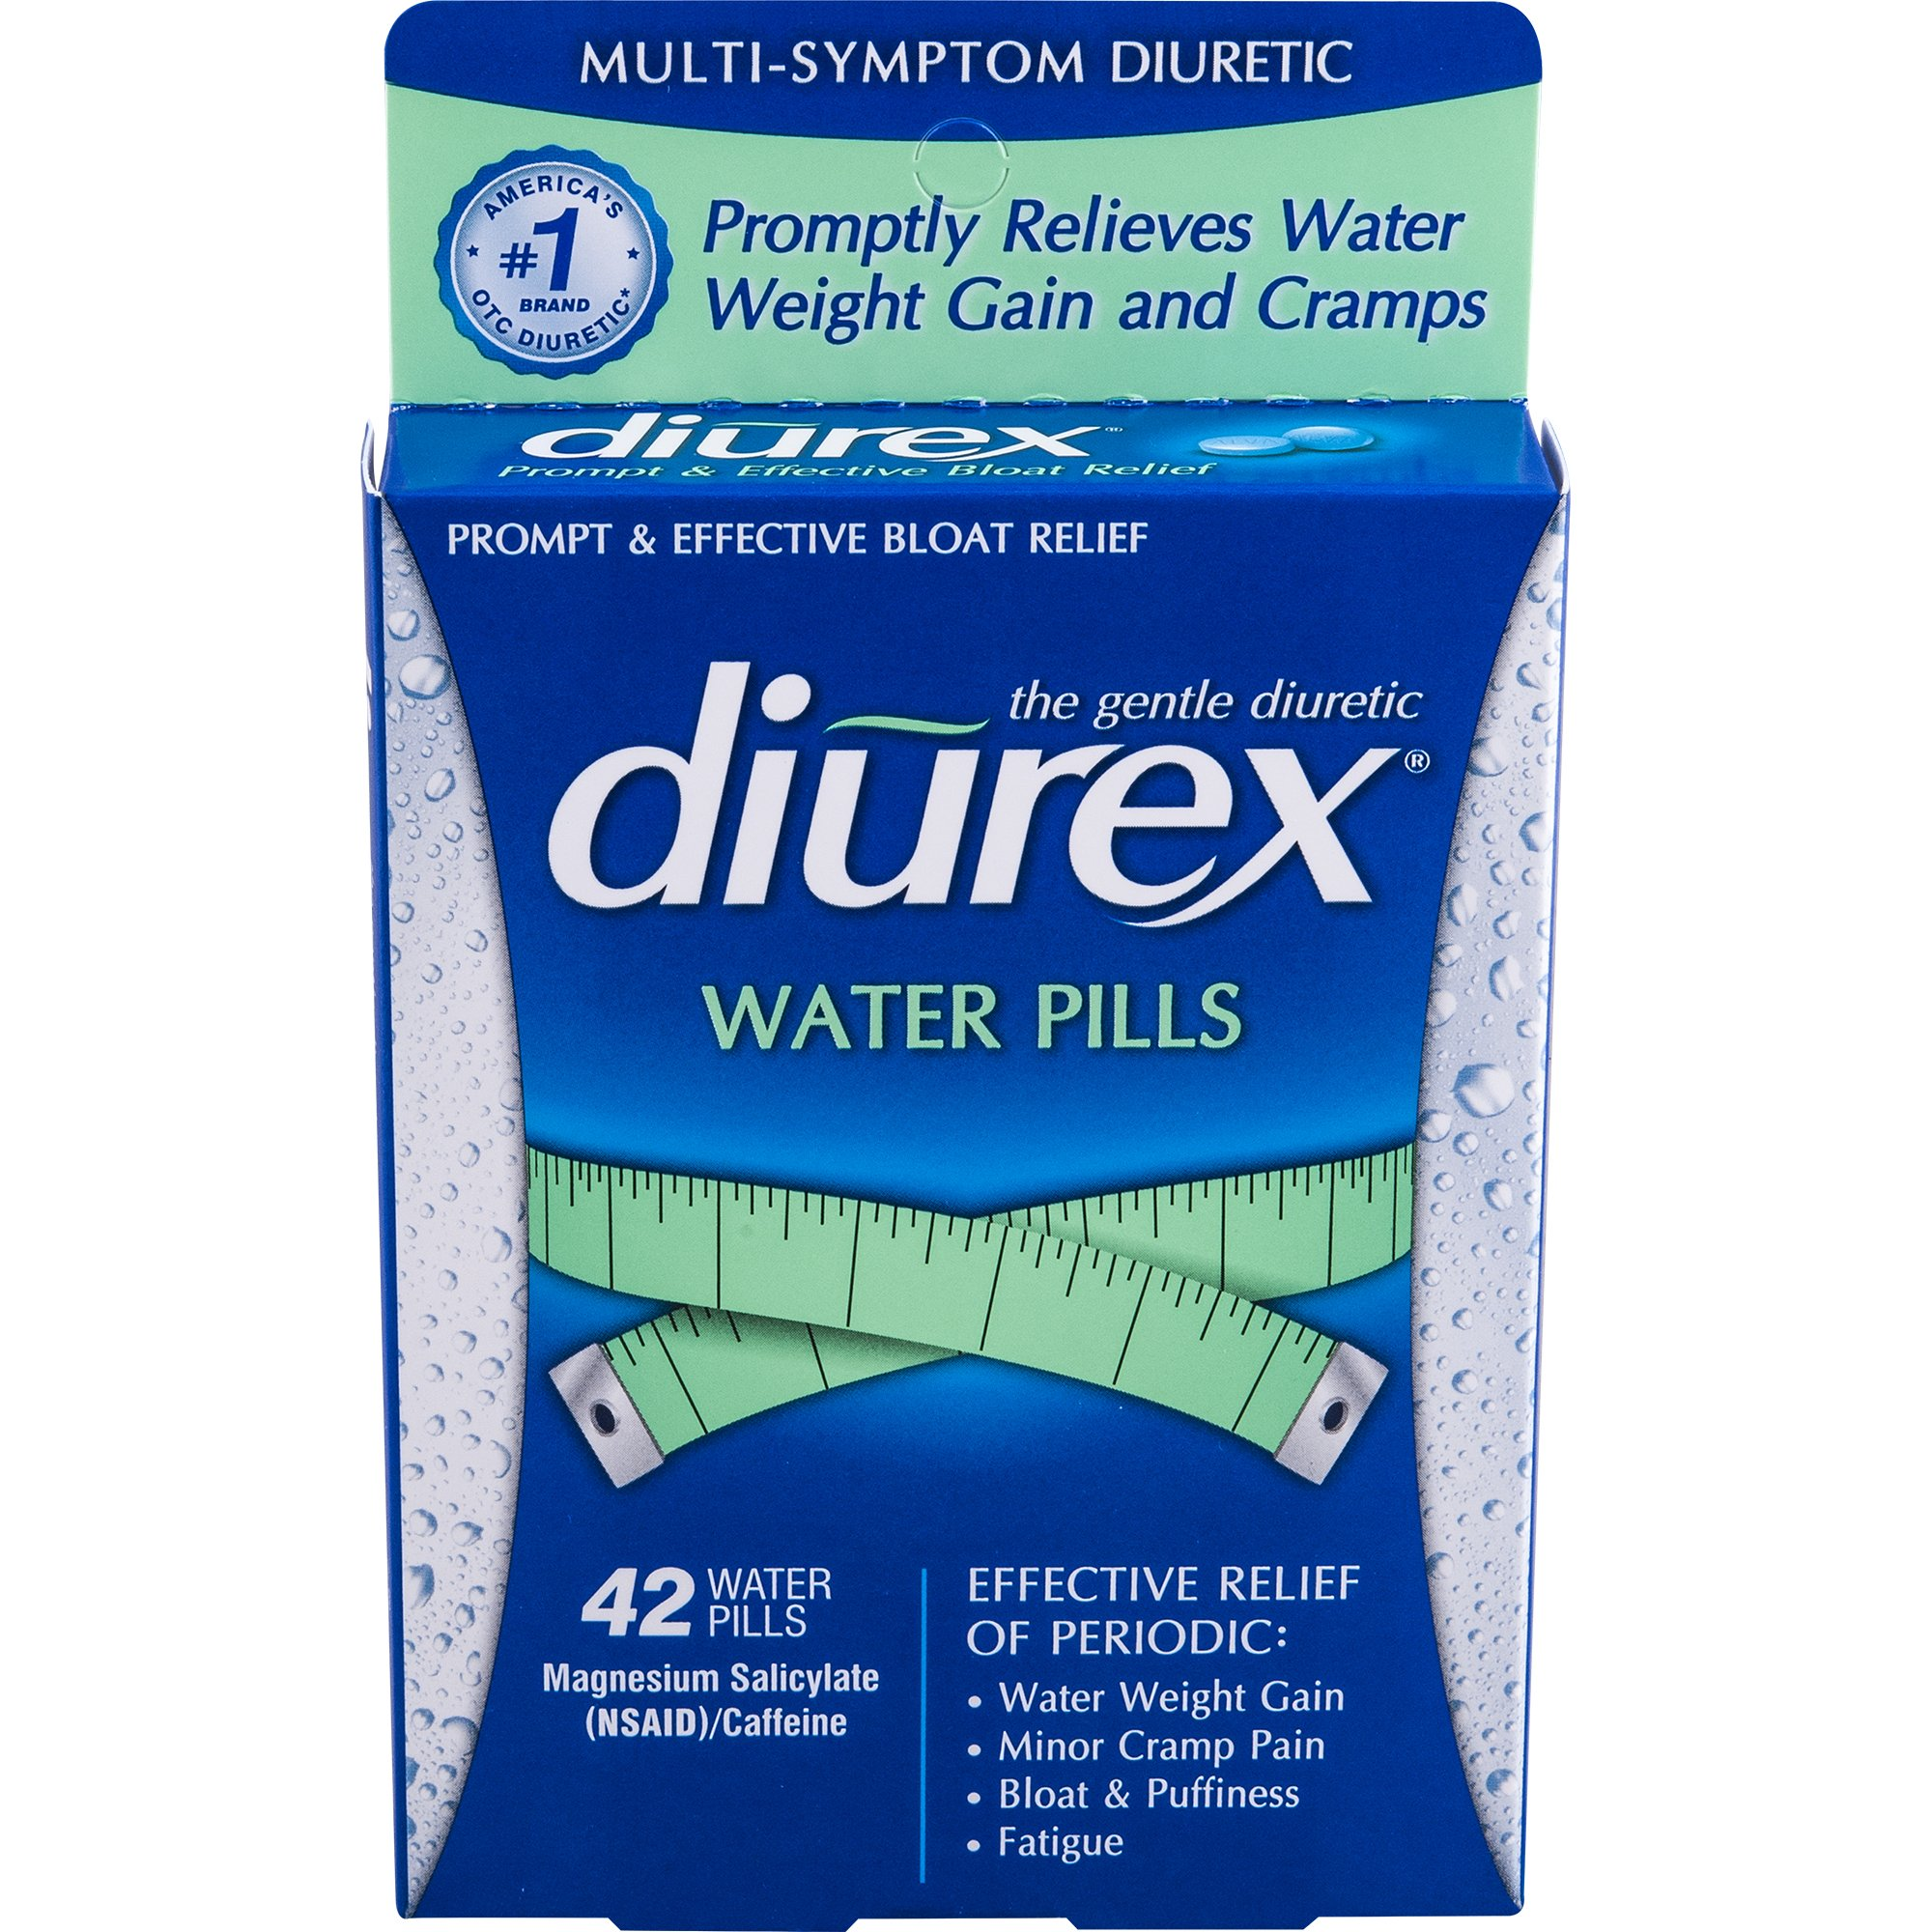 Diurex Water Pills, 42 Count Pills (Pack of 3) by Diurex (Image #1)